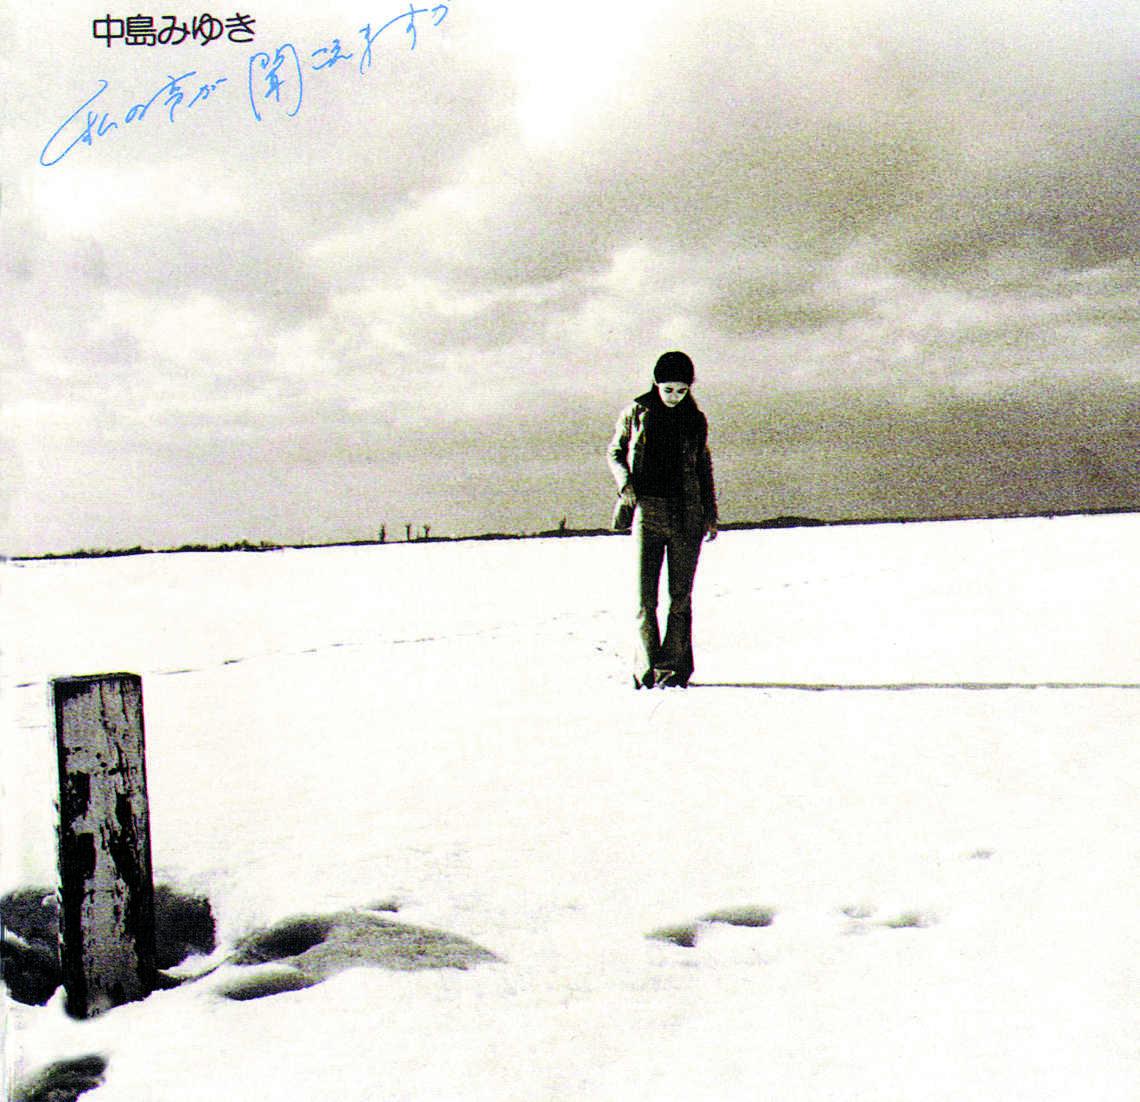 中島みゆき、全18作のオリジナル・アルバムが完全リマスタリング音源、高音質CD仕様で3月より順次発売!